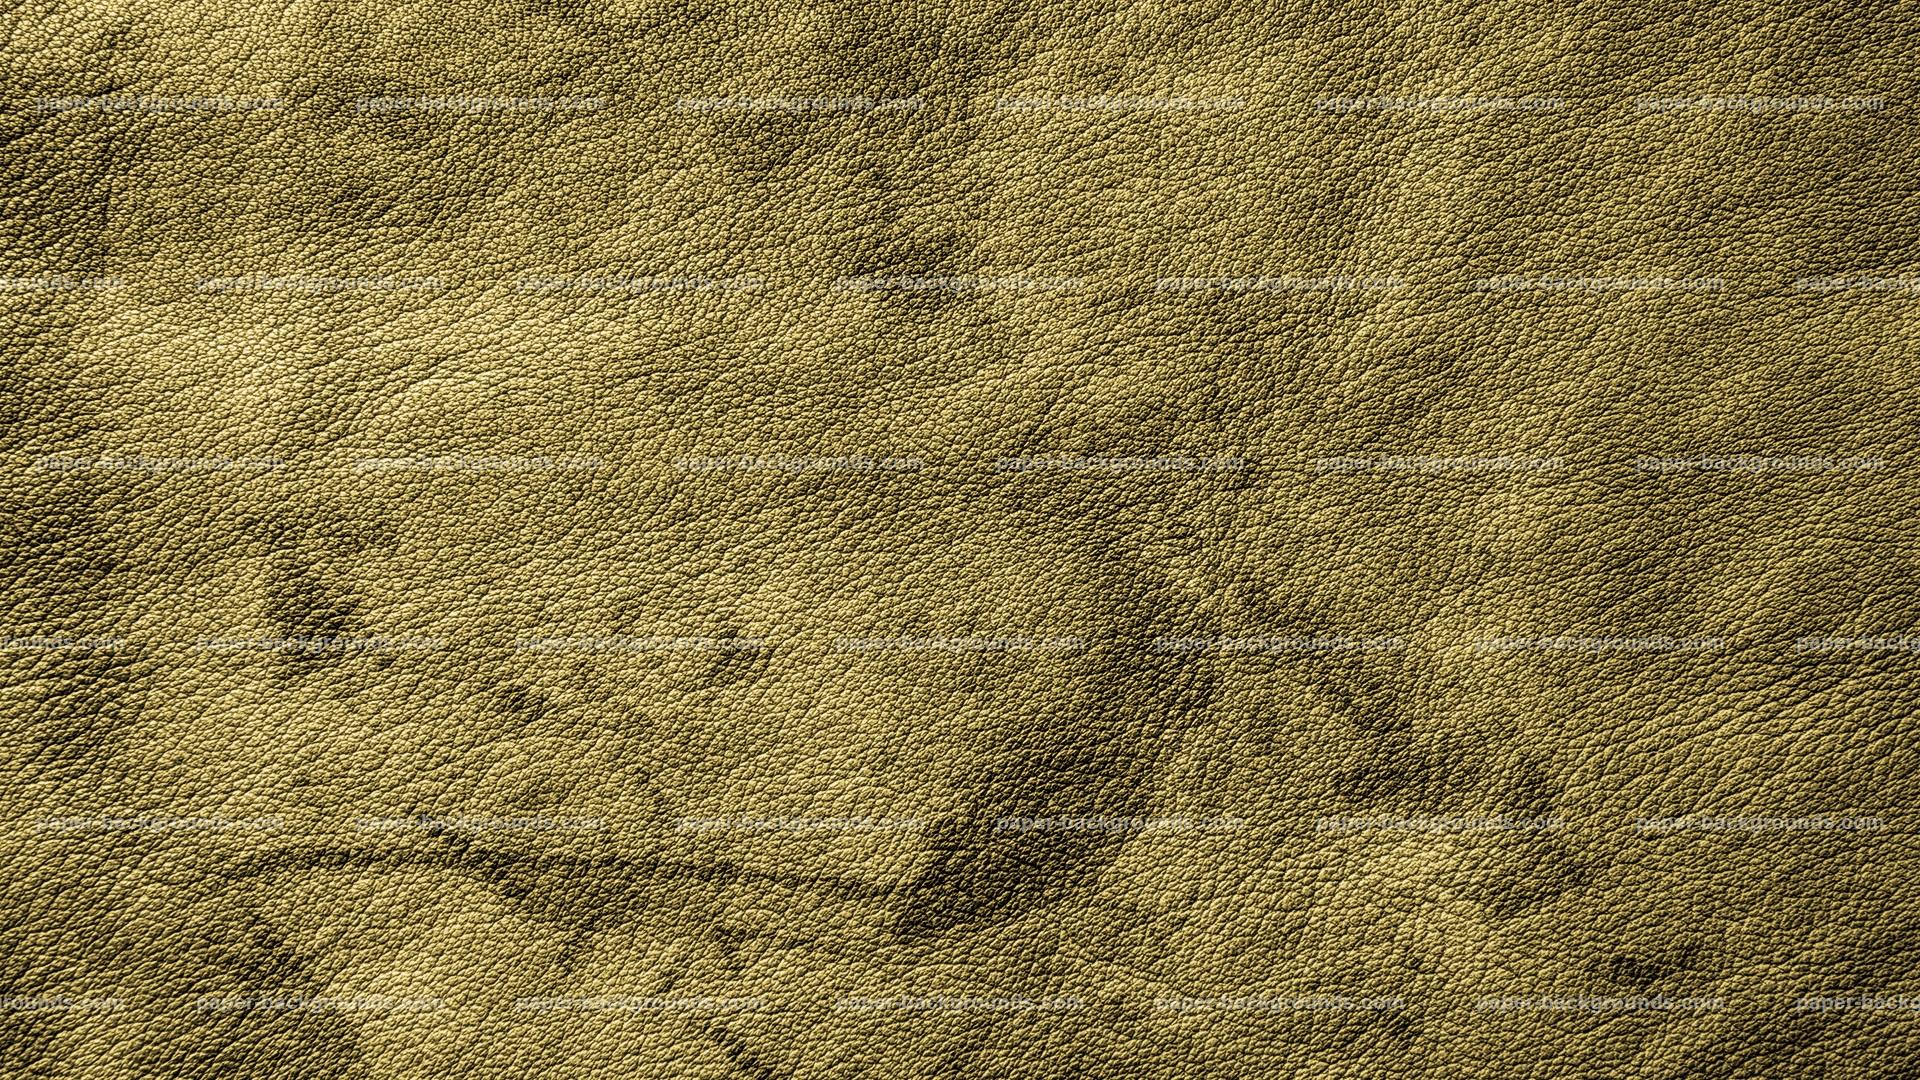 Free rustic wallpaper wallpapersafari - Army Background Pictures Wallpapersafari